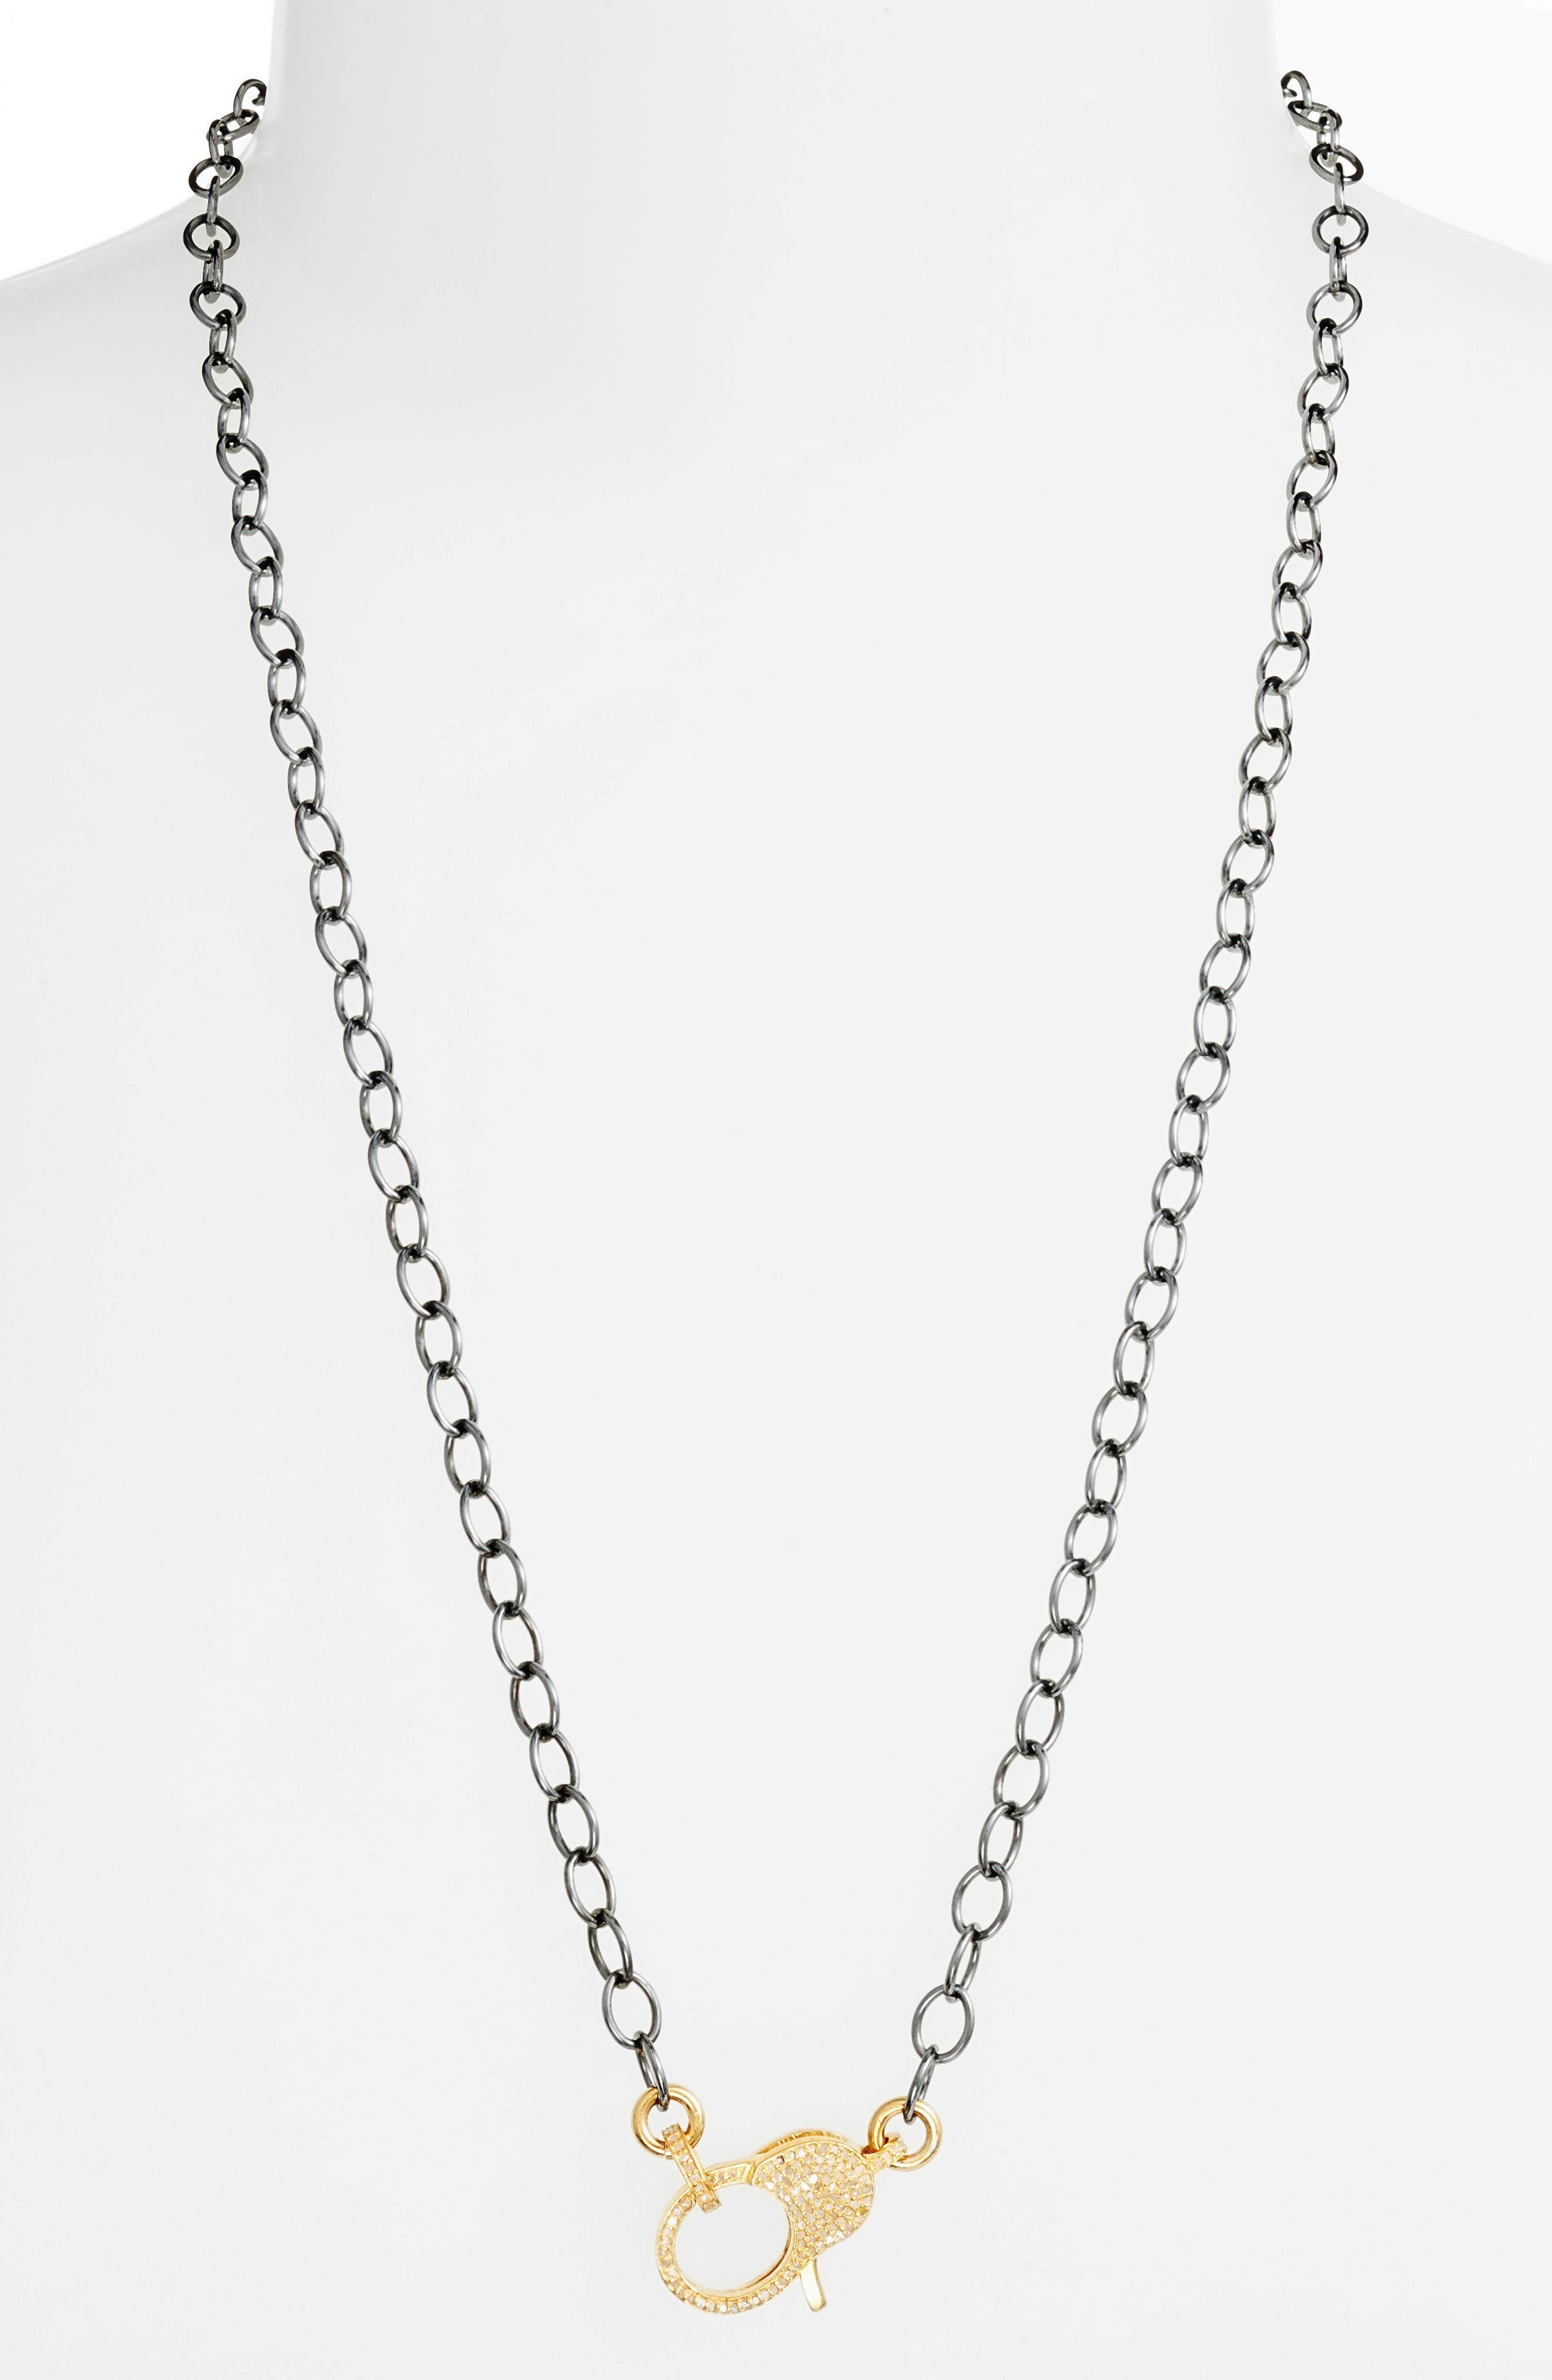 Jane Basch Pavé Diamond Clasp Long Chain Necklace,                         Main,                         color, GOLD/ BLACK